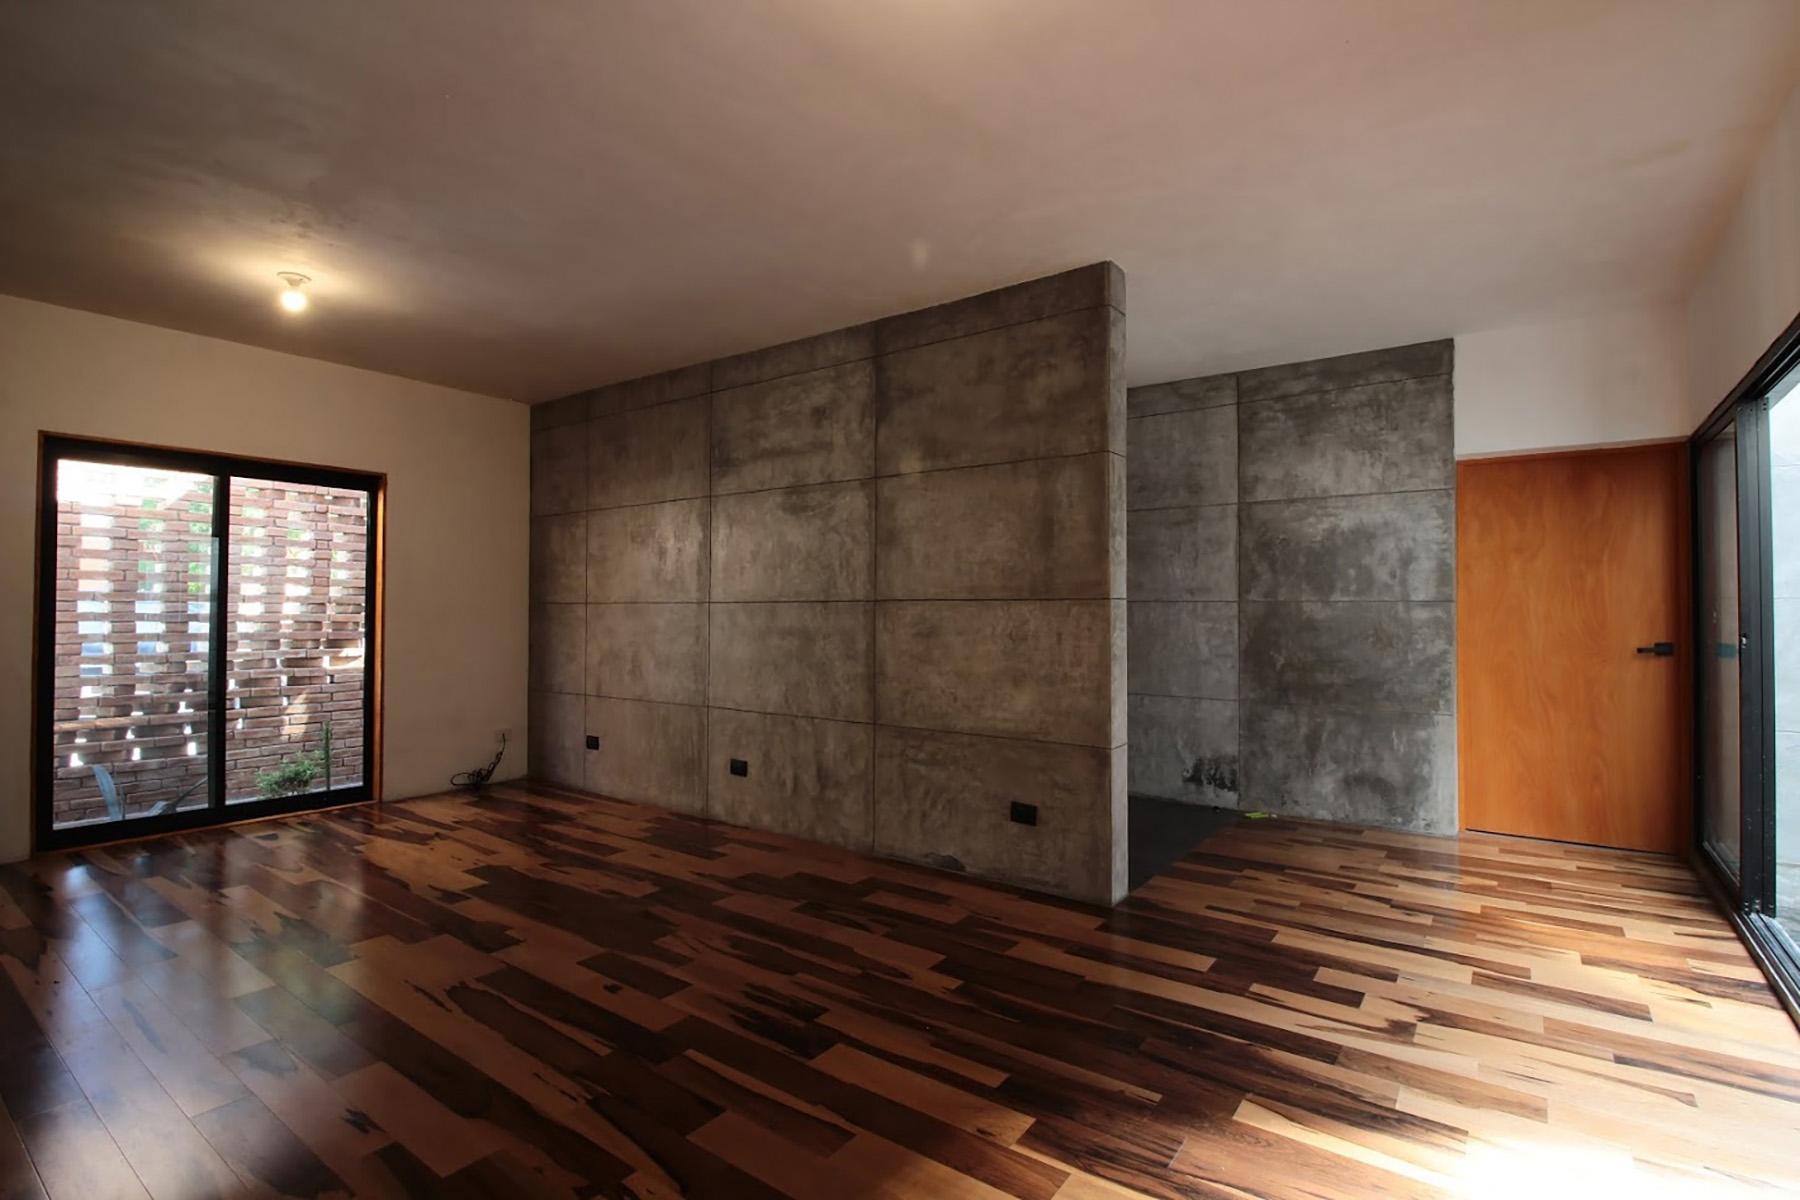 iGNANT-Architecture-Ariel-Valenzuela-And-Diego-Ledesma -Casa-Papagayo-26